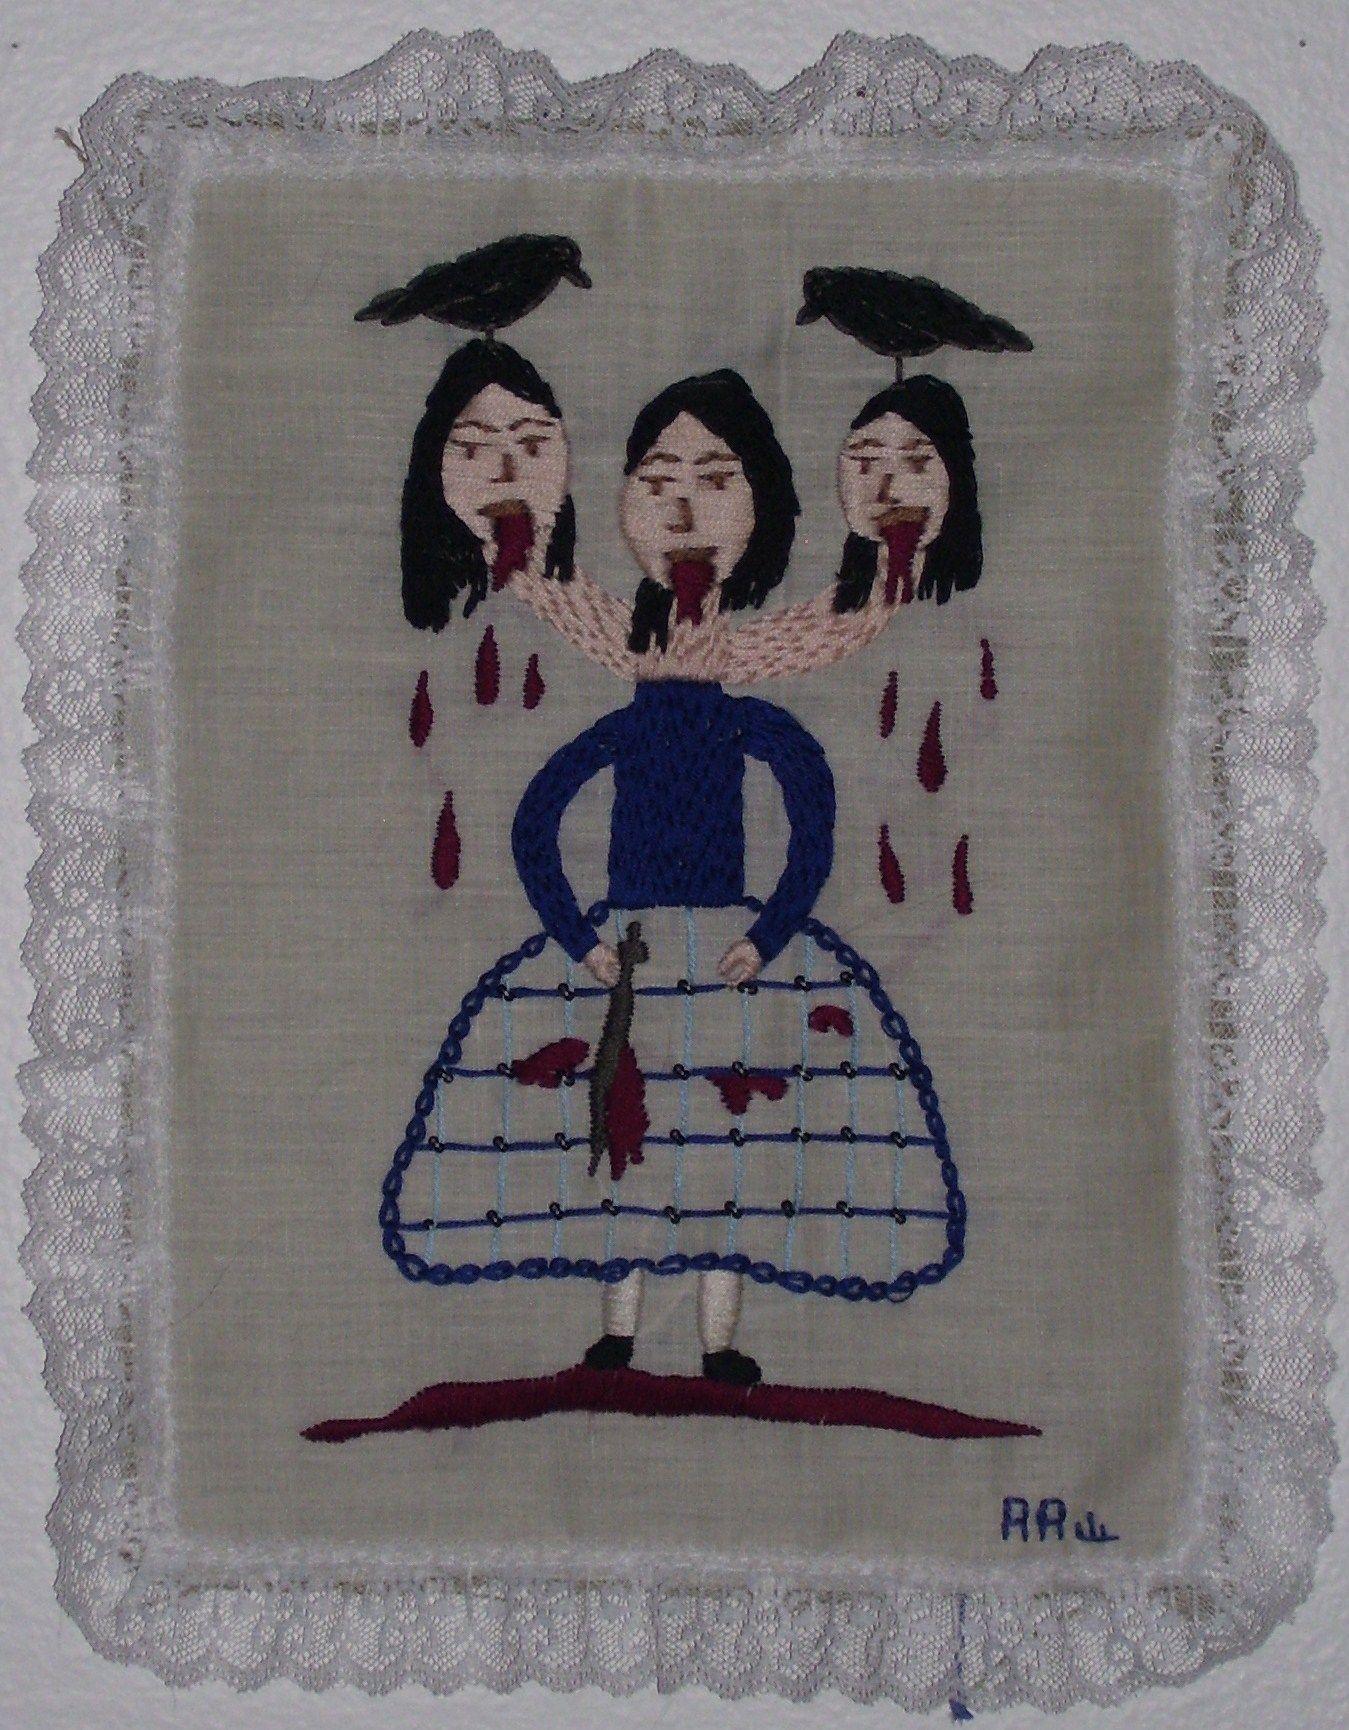 Morgaena, Annie Aube, 2007, Hand Embroidery on Cotton, www.annieaube.com